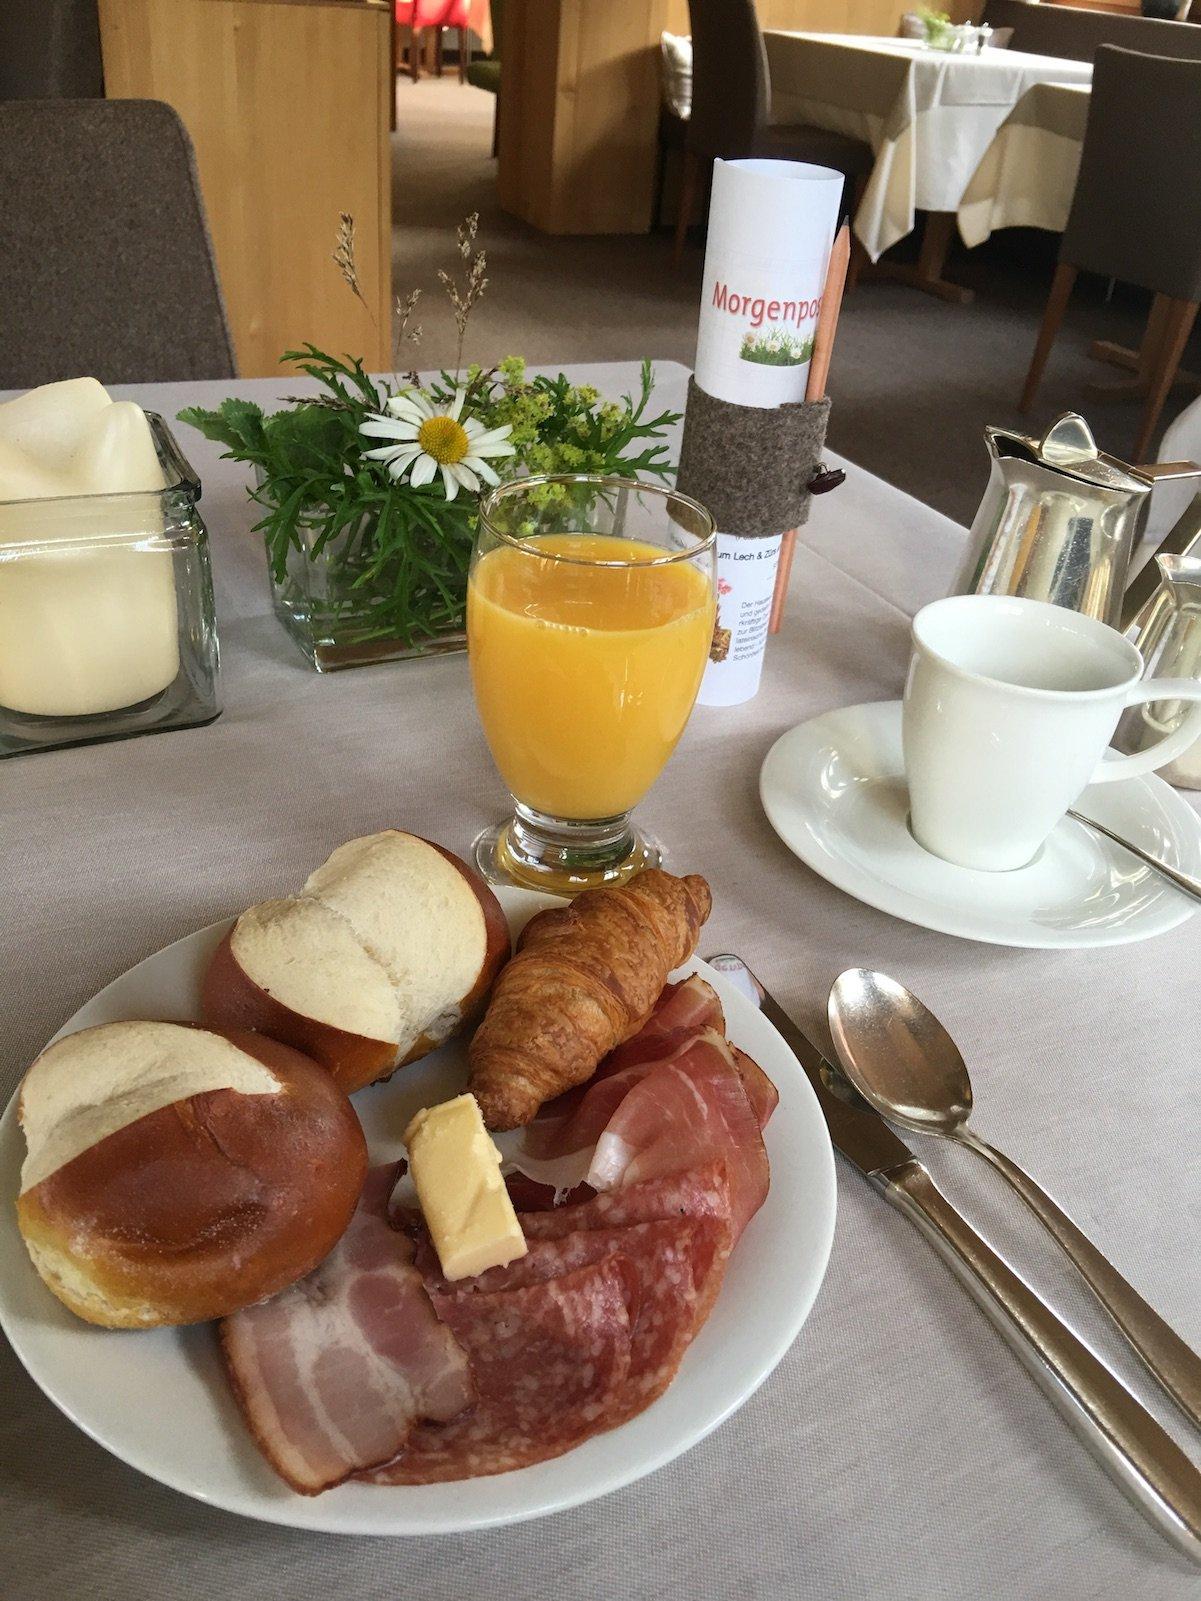 Schöner Frühstücksteller im Hotel Aurora, den ich mir zurecht gemacht habe